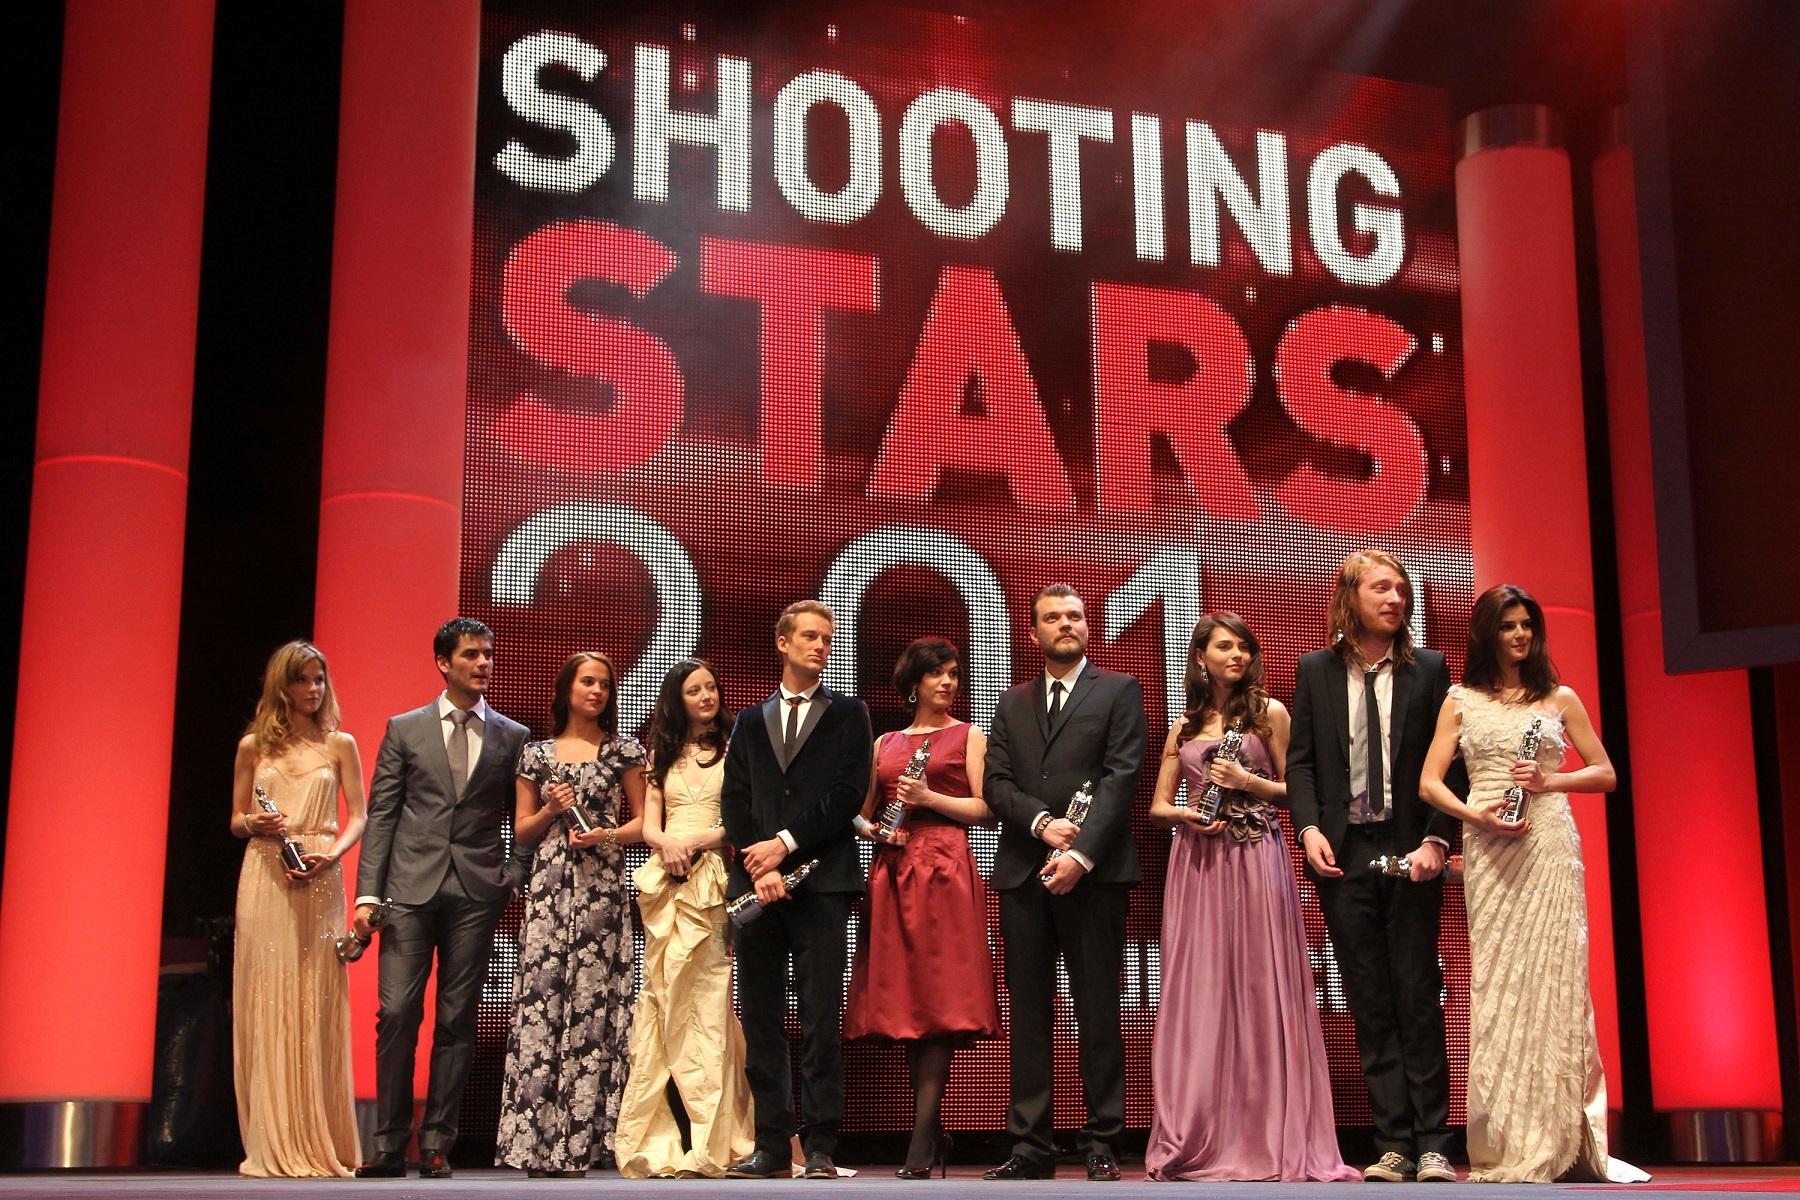 Marija Škaričić na Berlinaleu 2011. godine gdje je osvojila nagradu 'Shooting Stars'